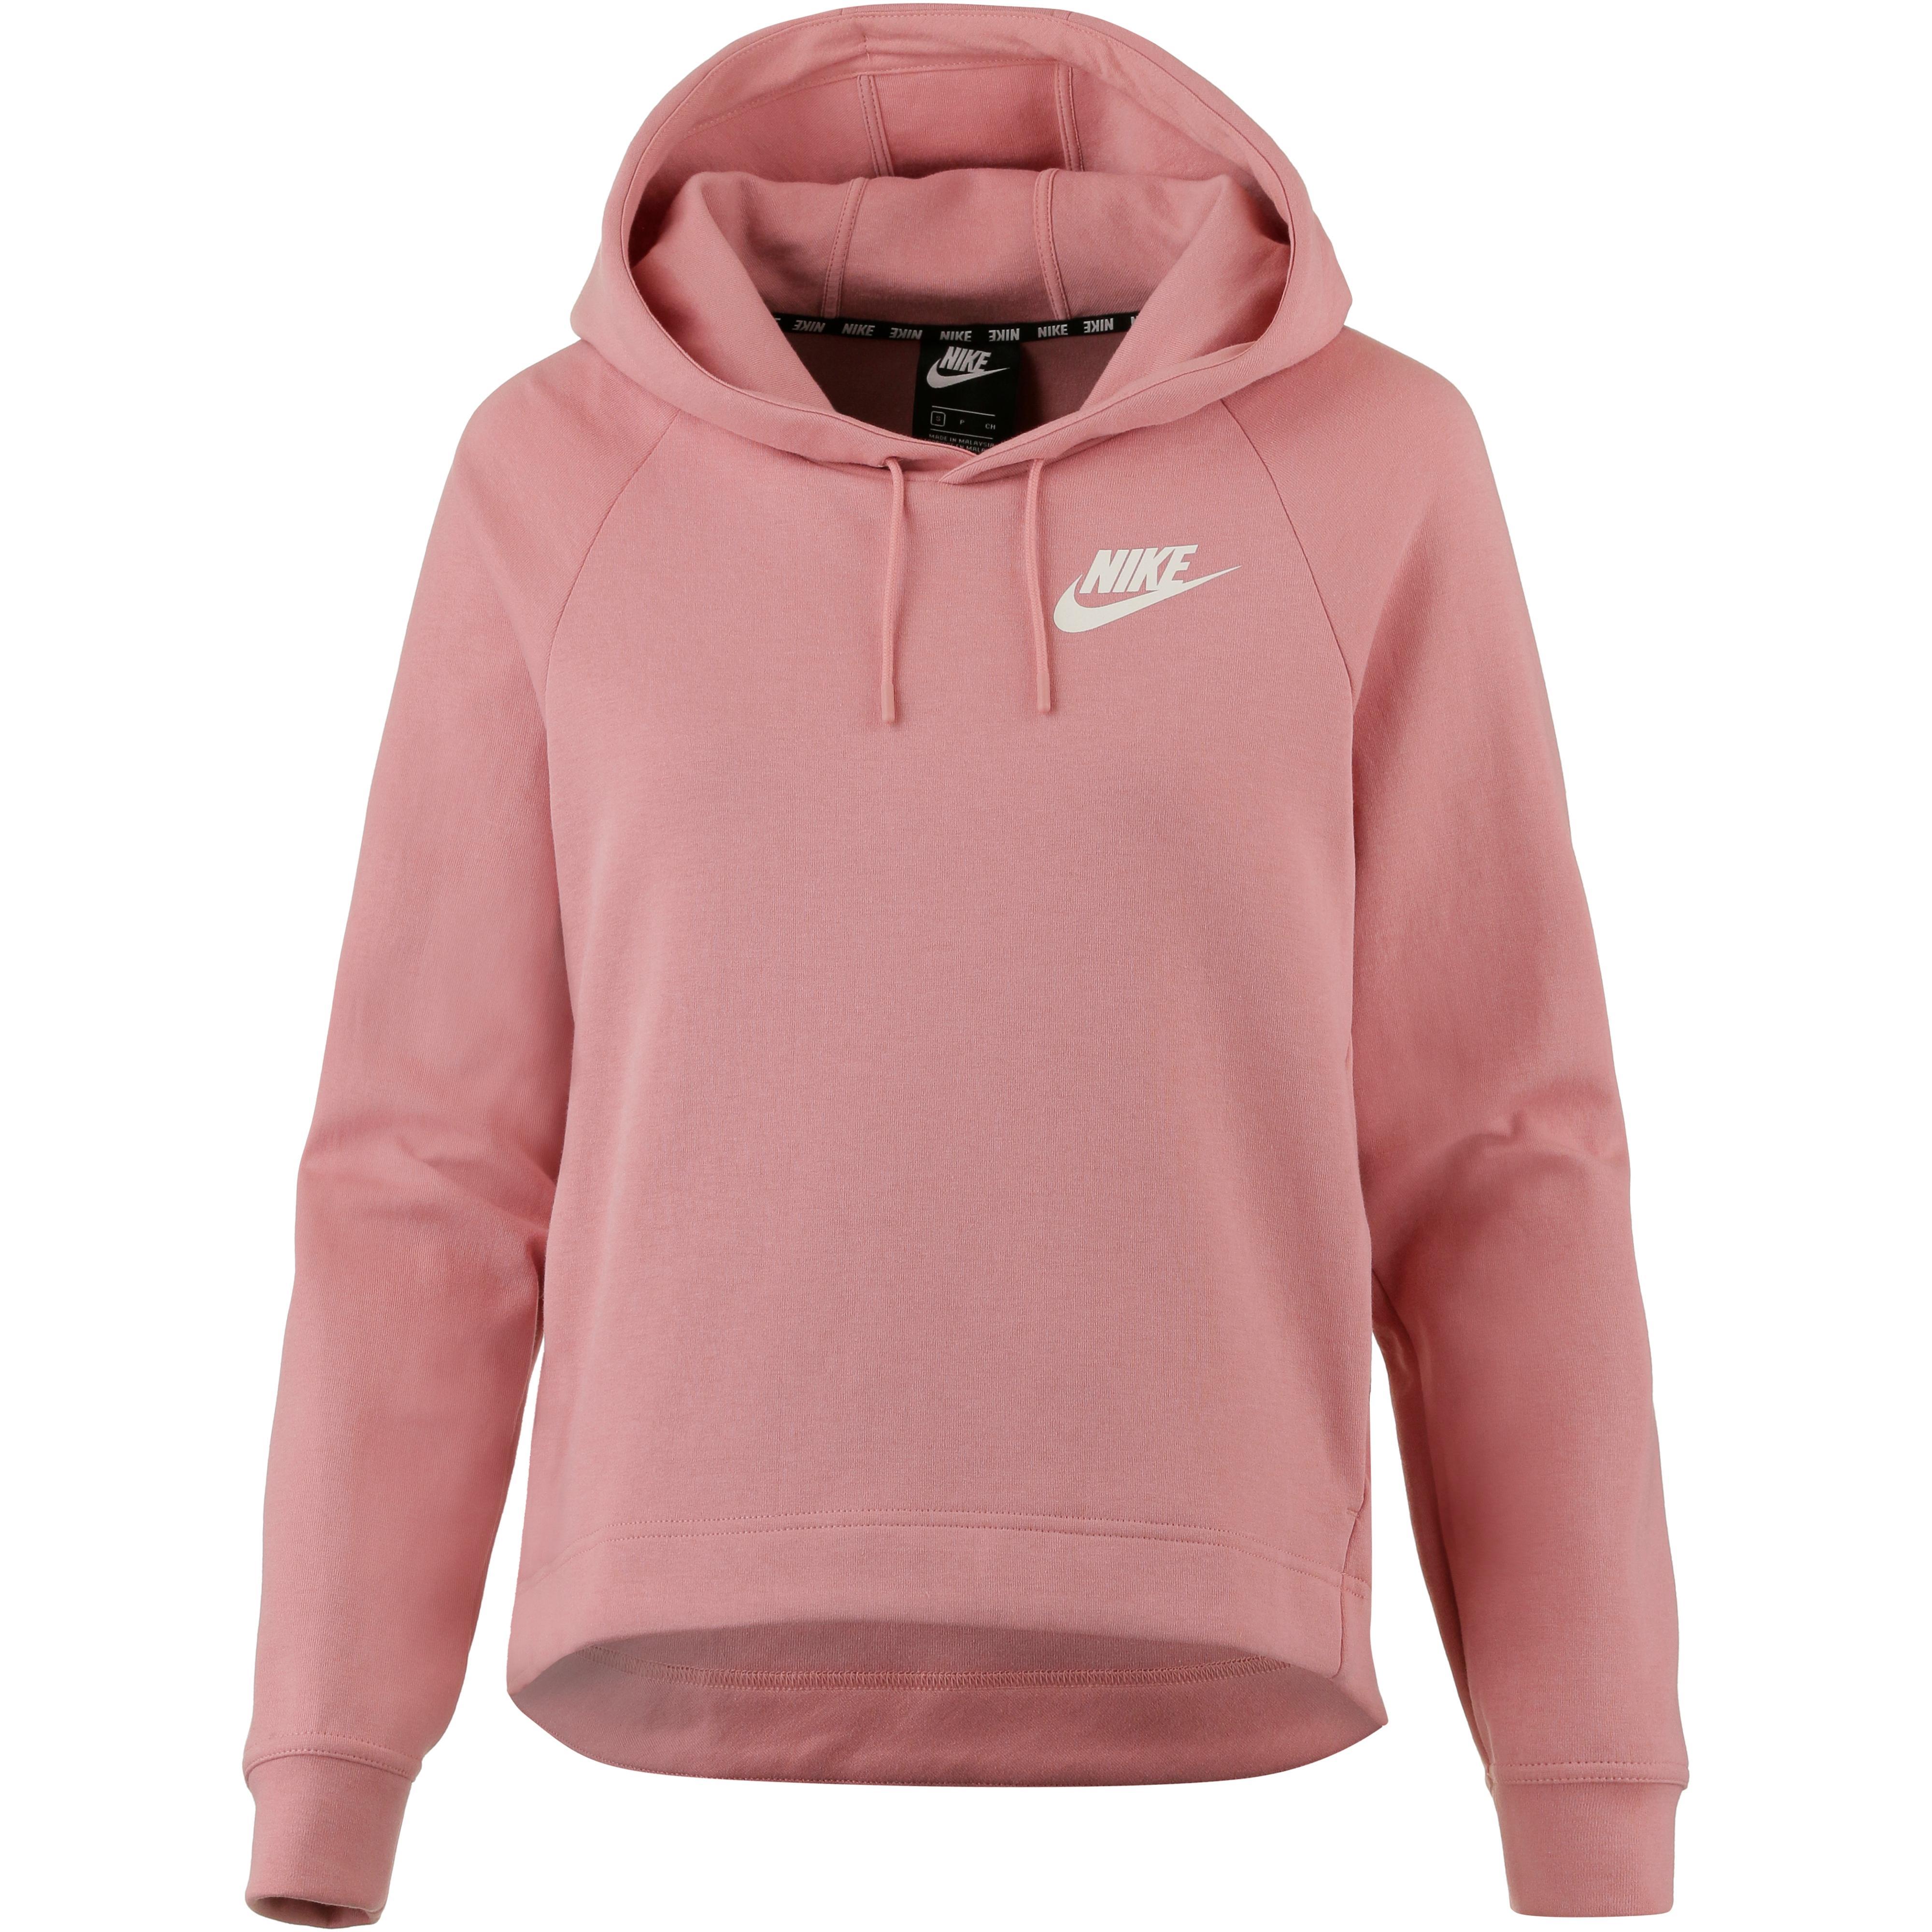 Optic Damen Sportscheck Online Sail Hoodie Pink Im Shop Kaufen Von Rust Nike jVGSMpLqUz